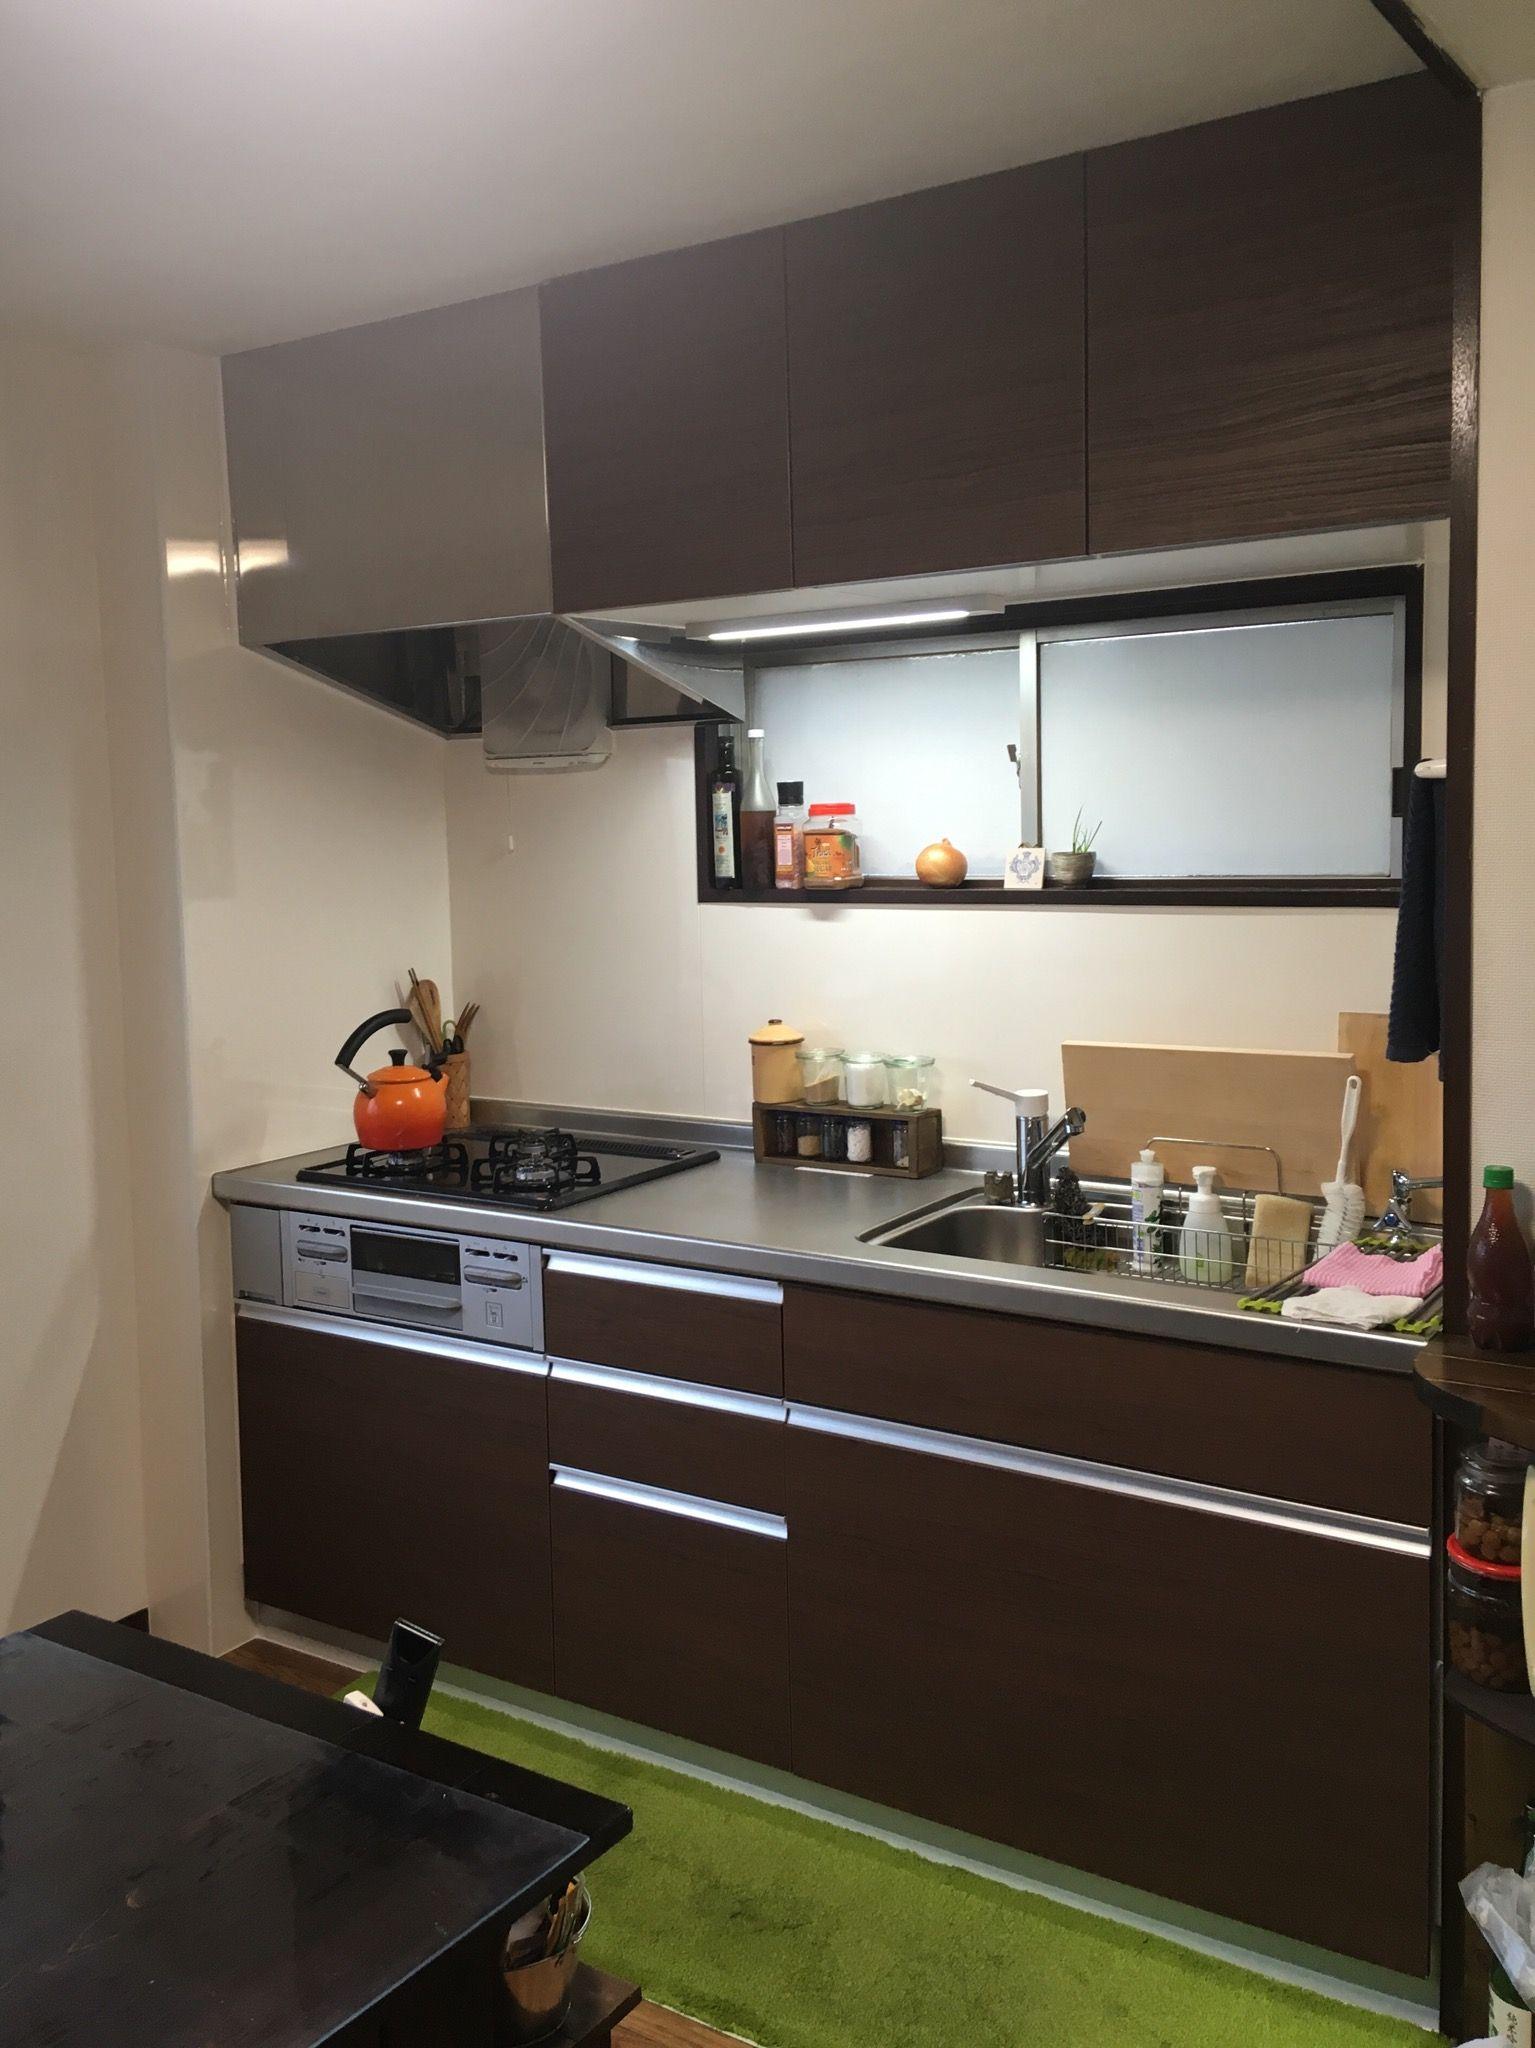 先月ご紹介したキッチン Lixil シエラ キッチン シエラ リフォーム